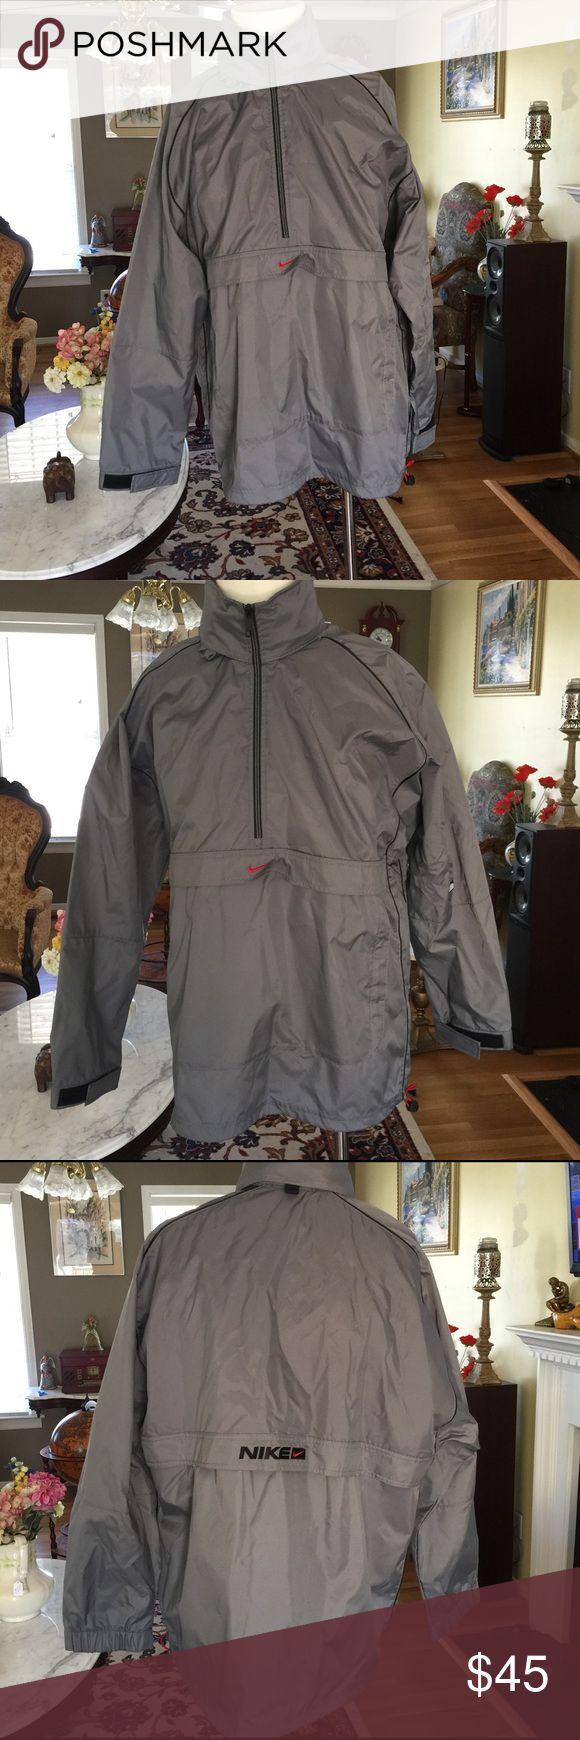 Men's Nike Rain Jacket size M Gently used Nike Jackets & Coats Raincoats